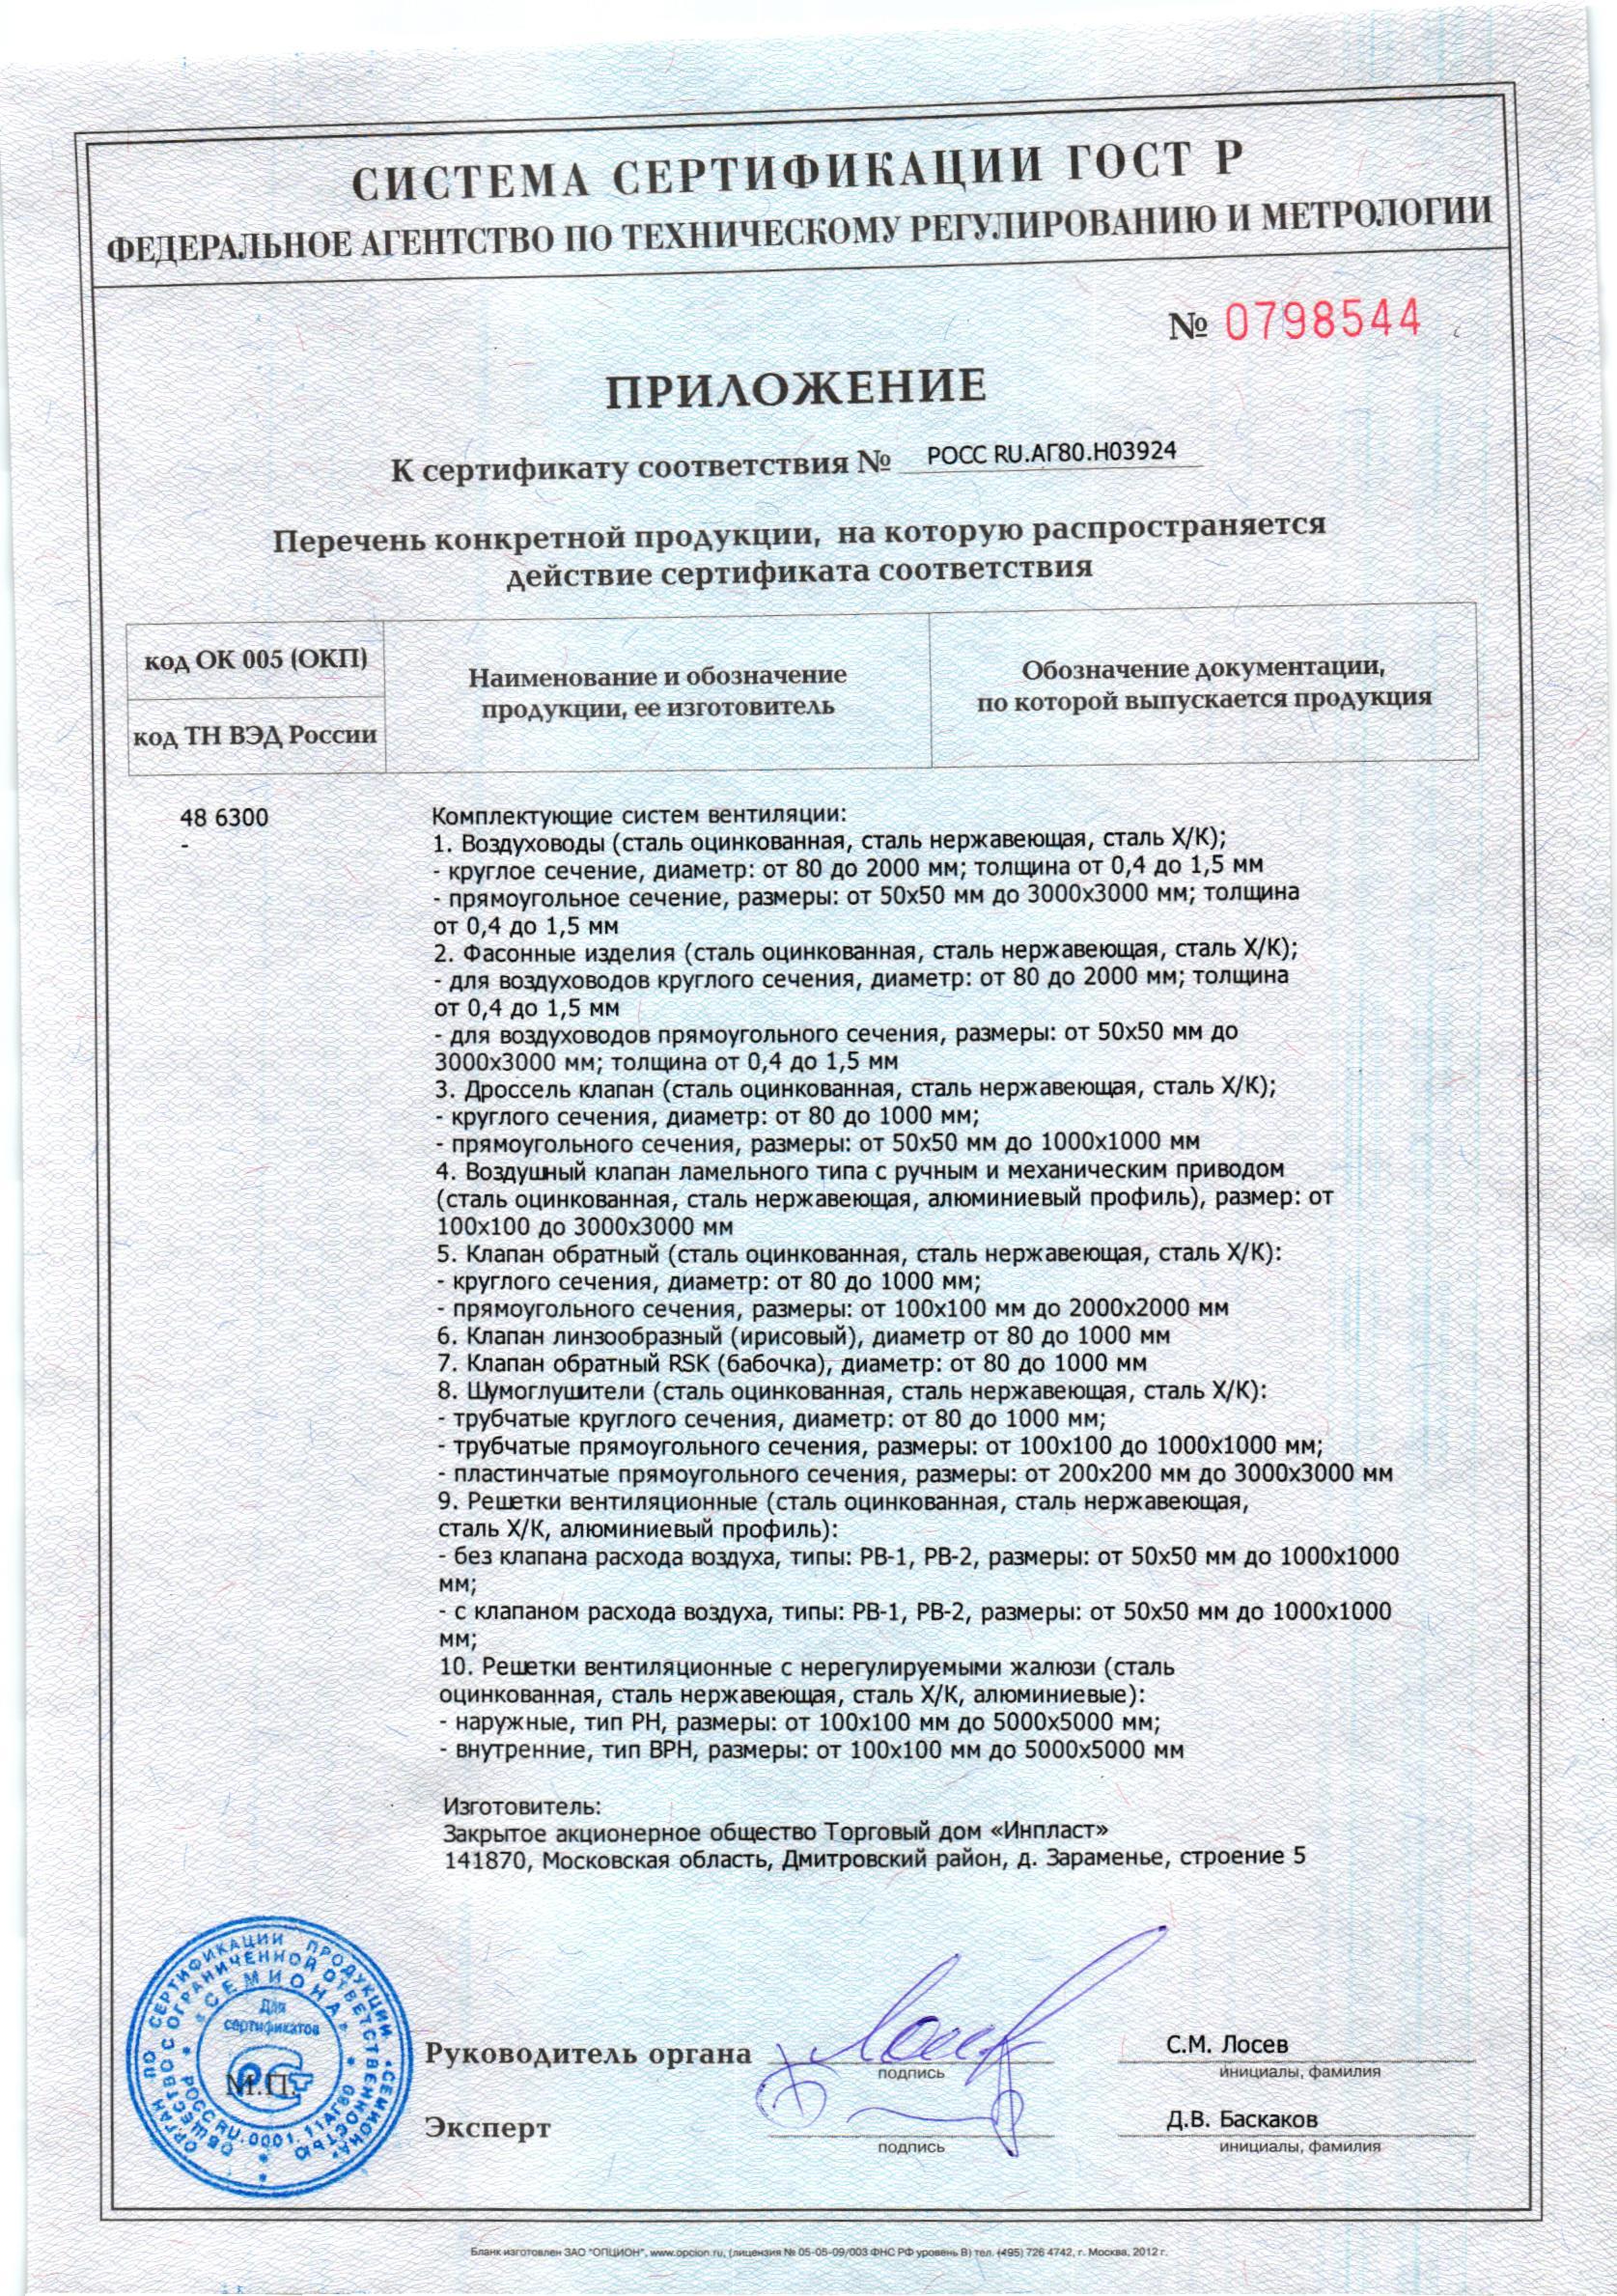 Сертификат или декларация на воздуховоды и фасонные элементы